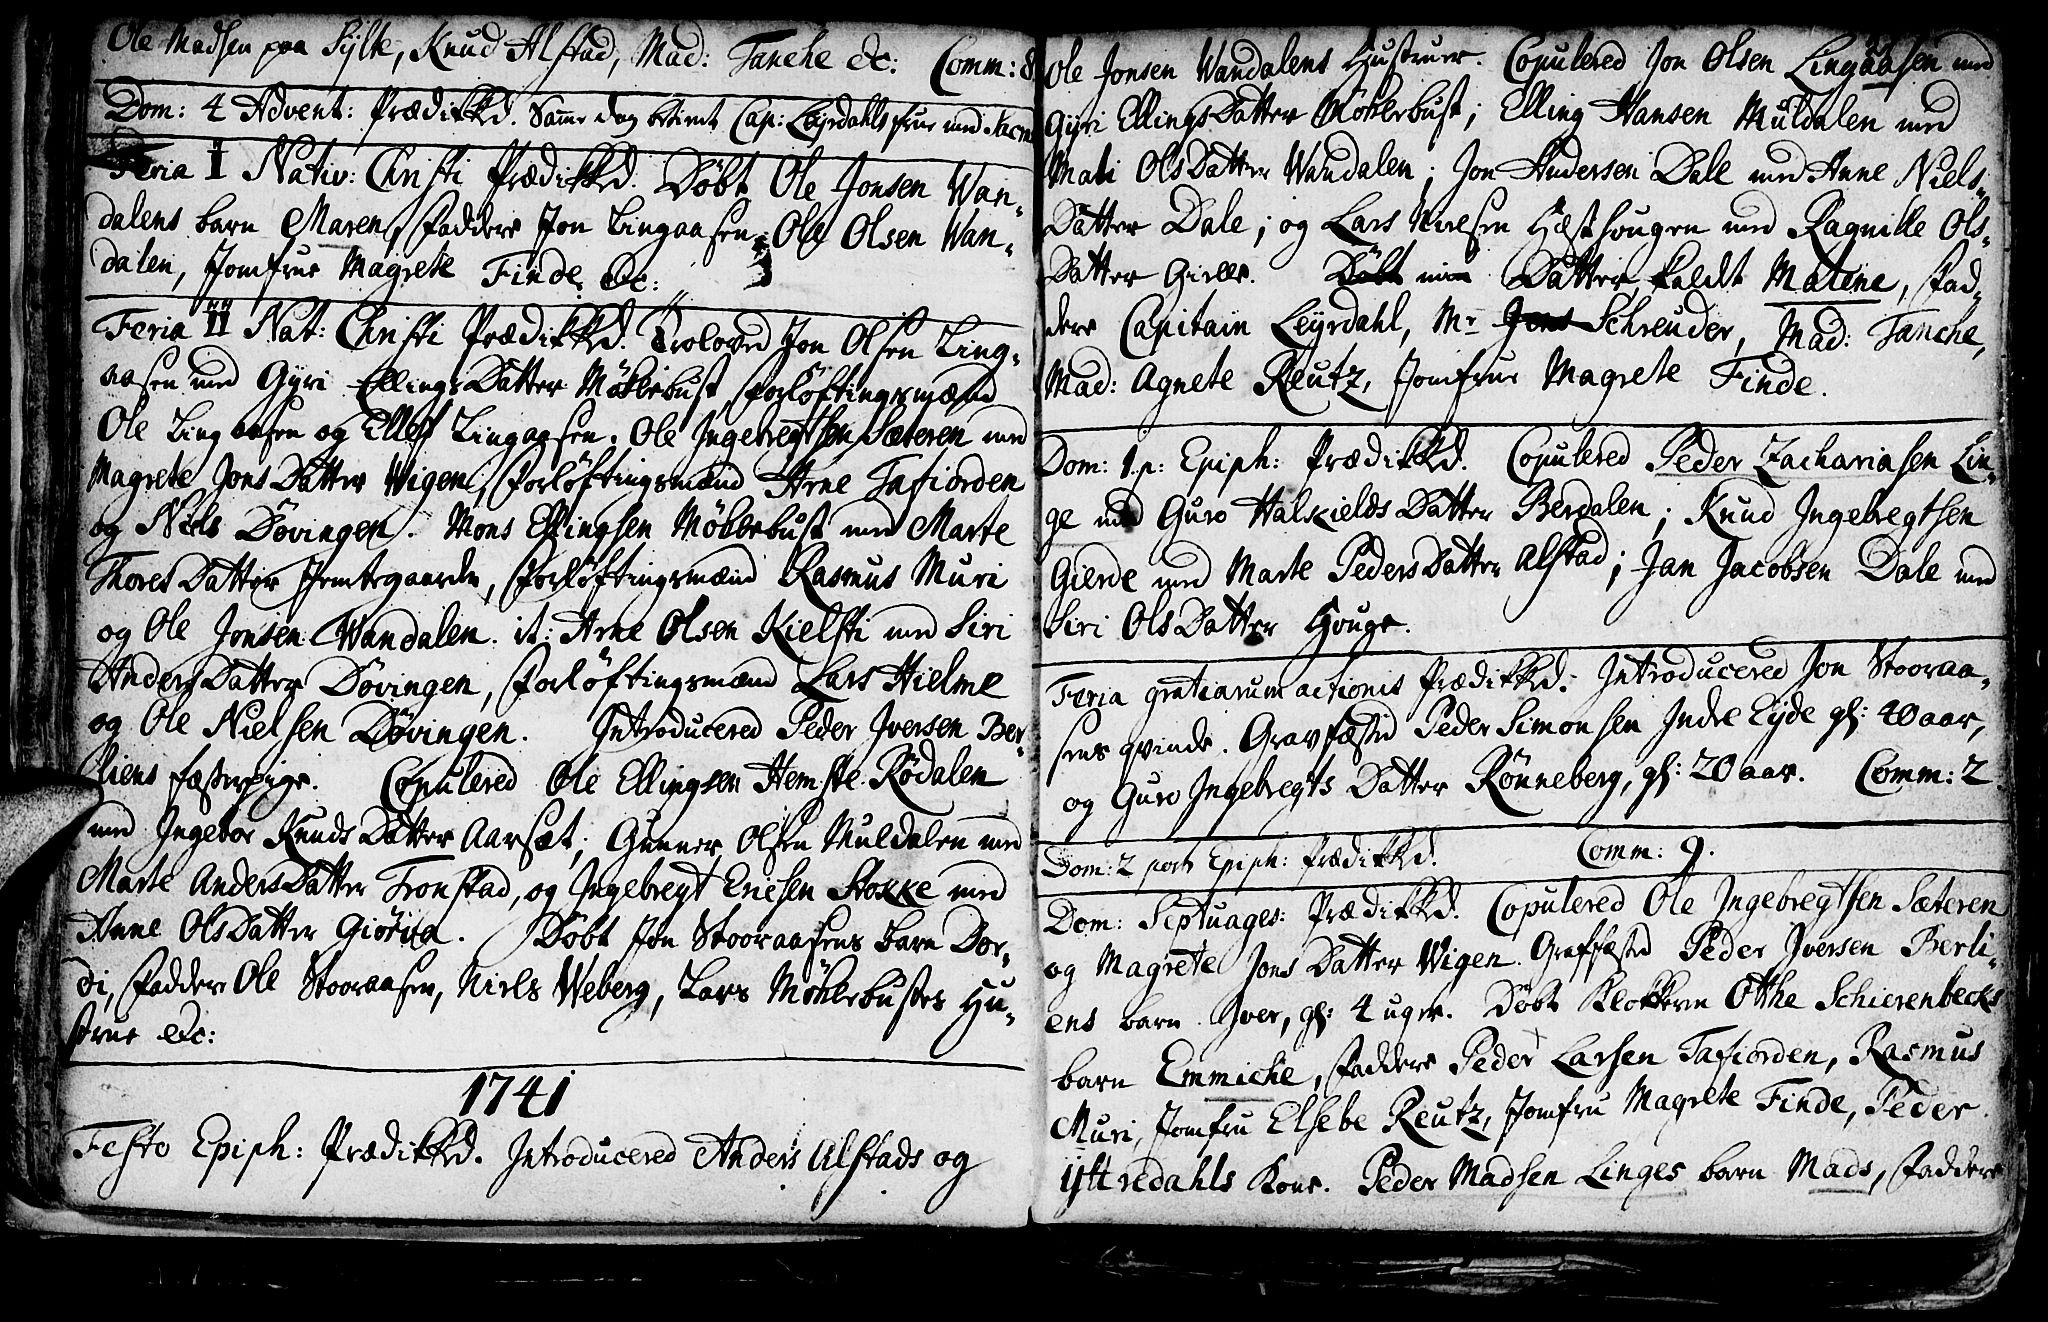 SAT, Ministerialprotokoller, klokkerbøker og fødselsregistre - Møre og Romsdal, 519/L0240: Ministerialbok nr. 519A01 /1, 1736-1760, s. 21